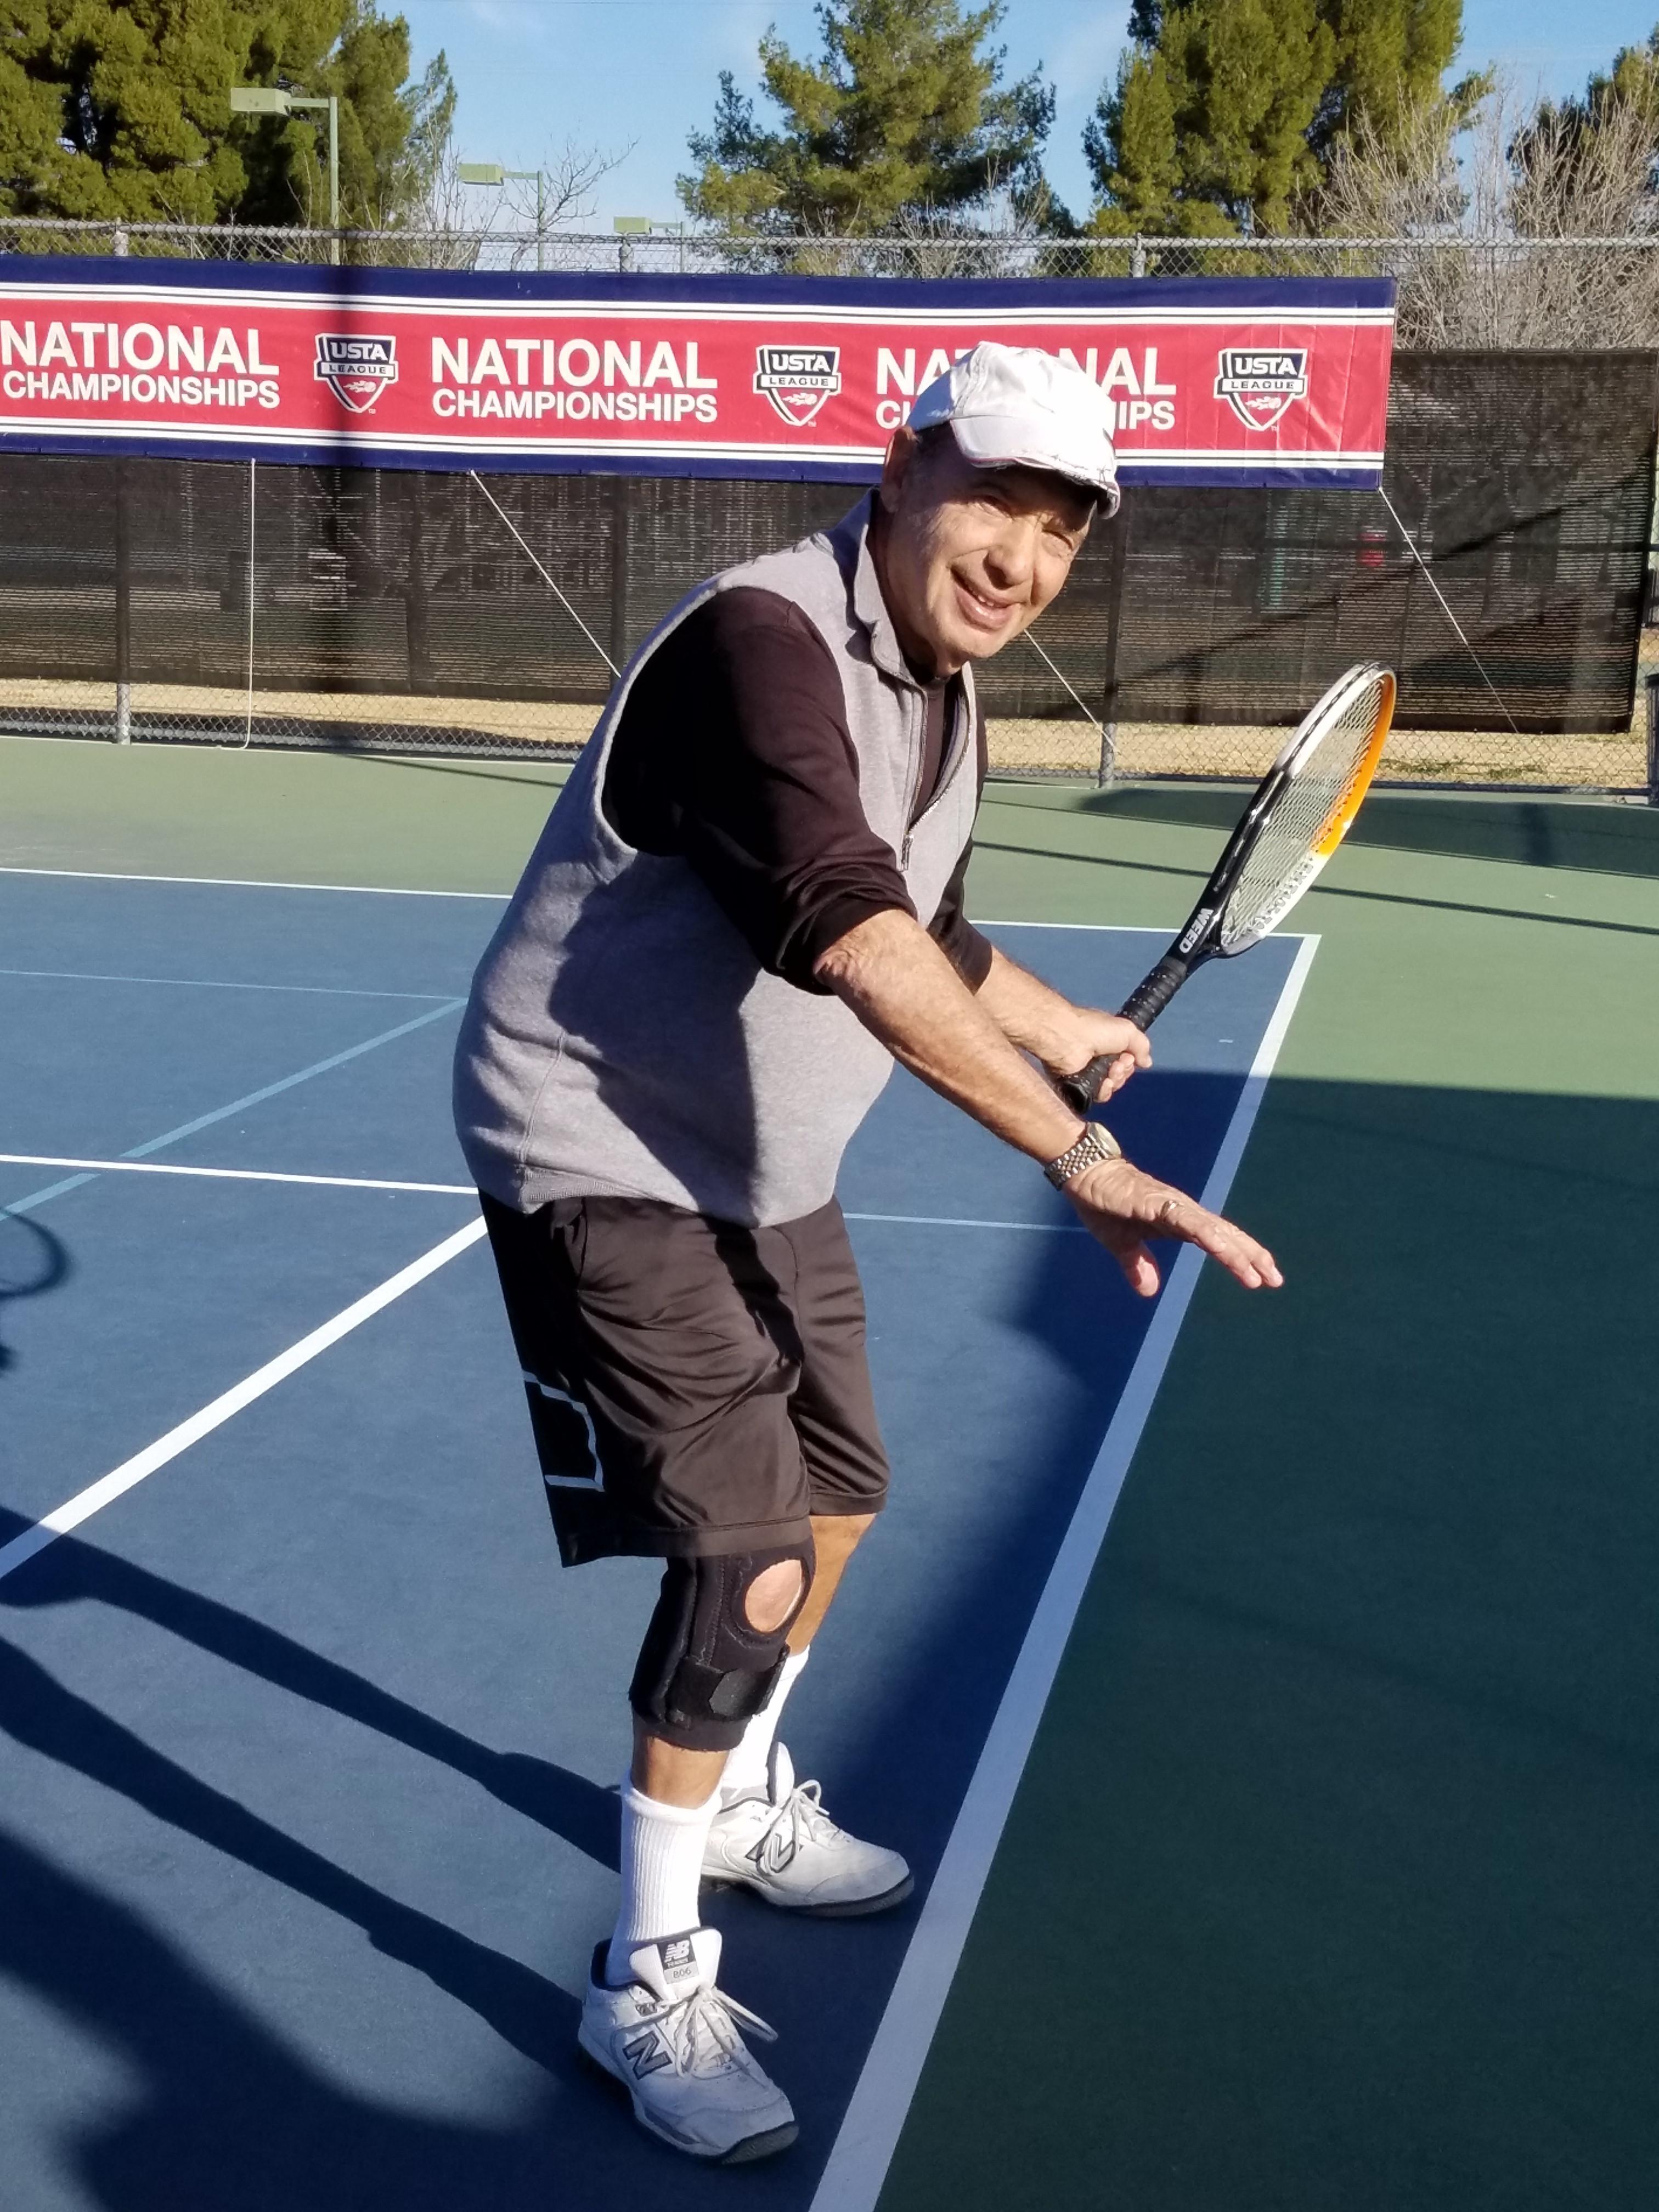 RacquetFIT: Tennis Body-Serve Cnxn